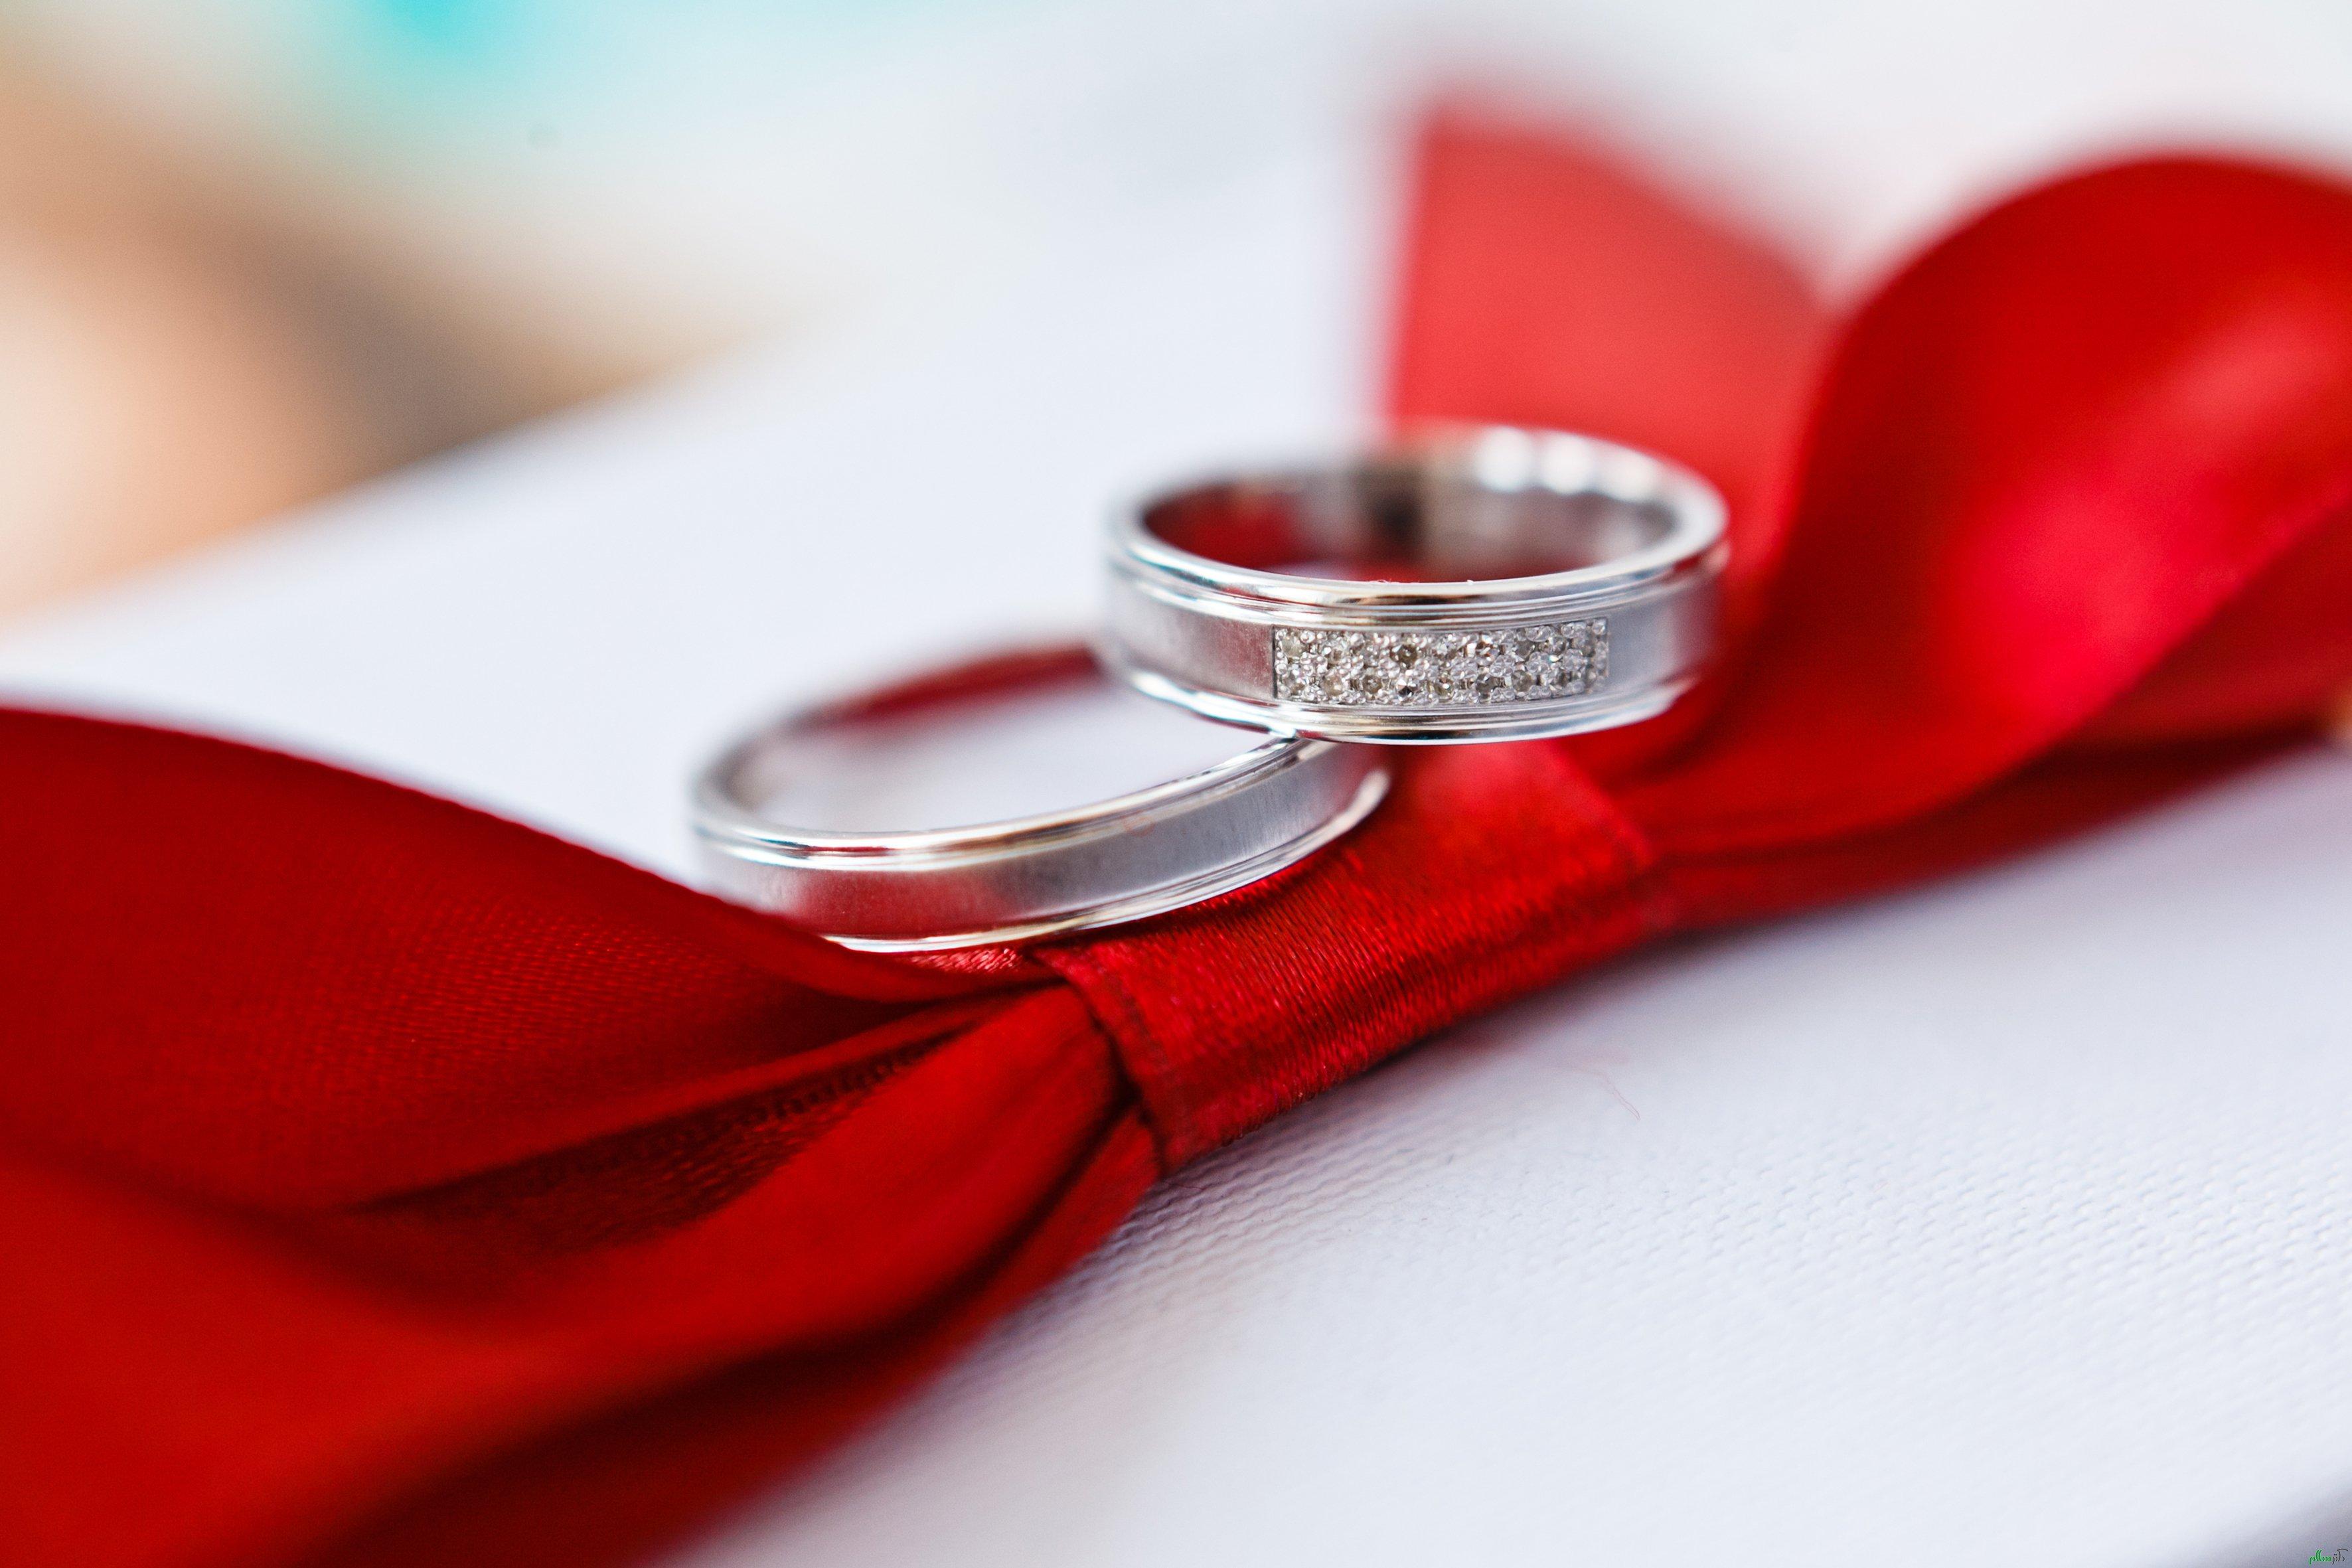 نماد خوششانسی در جشن عروسی مناطق مختلف جهان